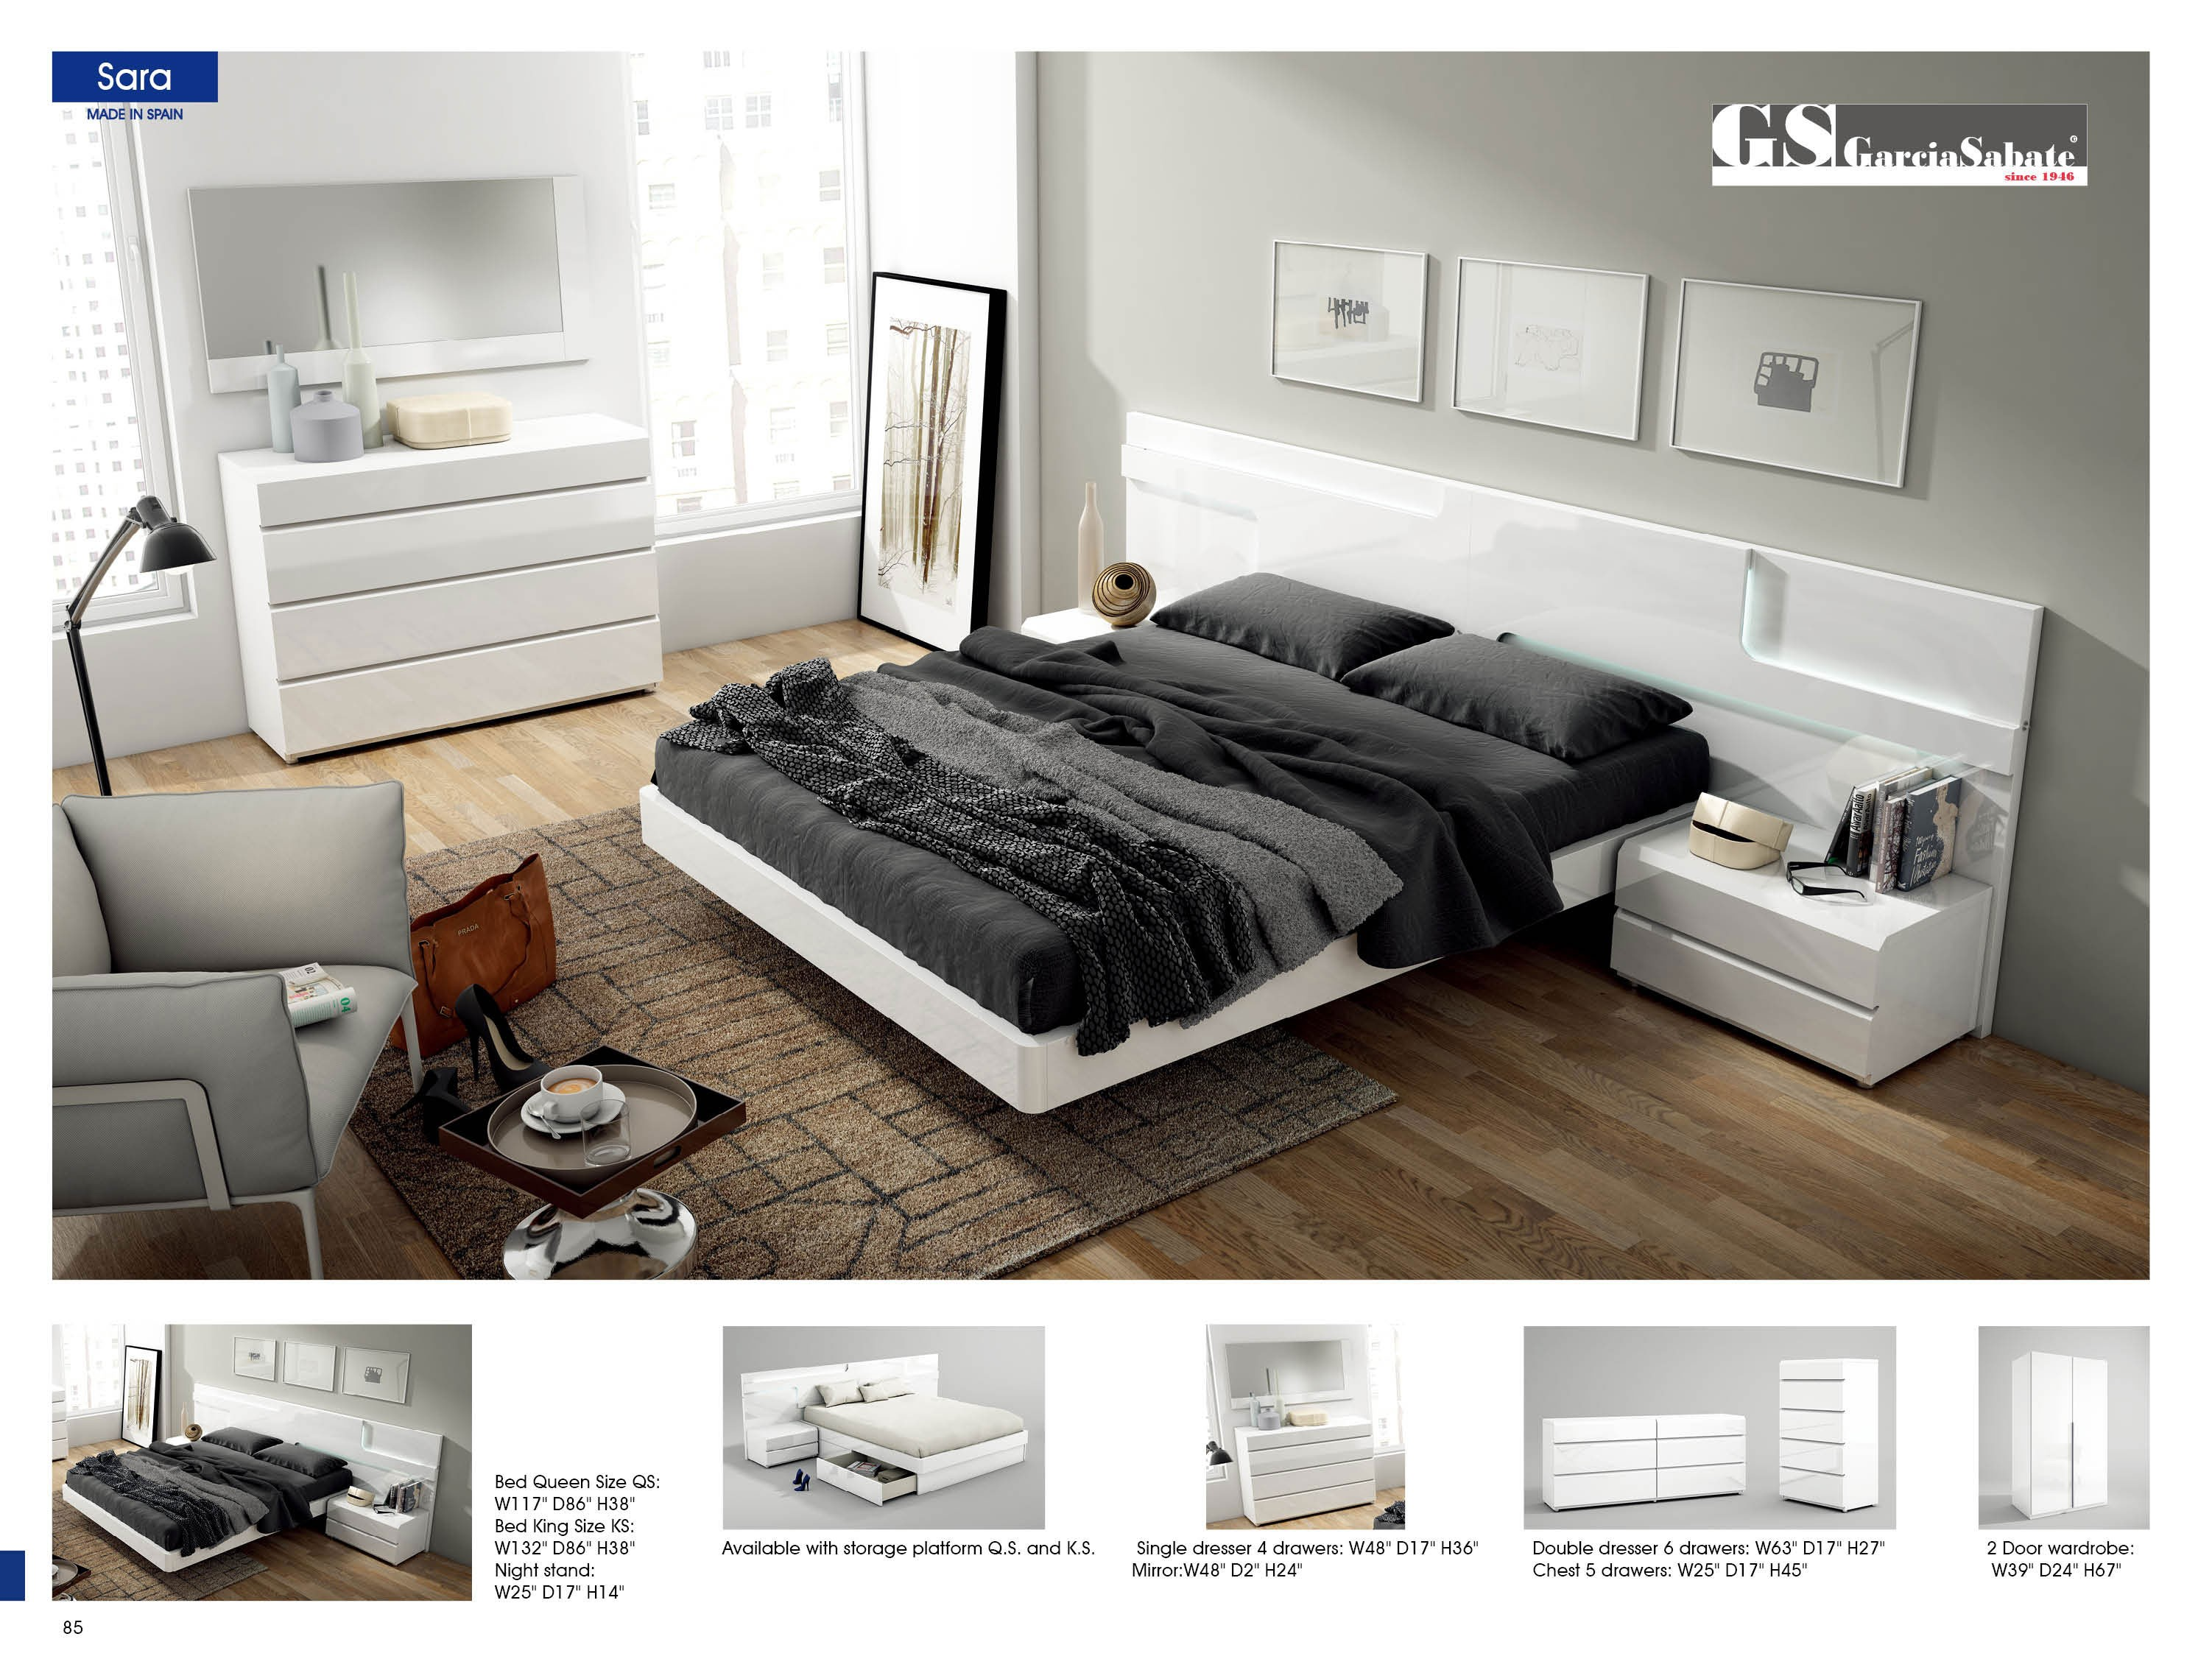 sara bedroom setesf buy from nova interiors